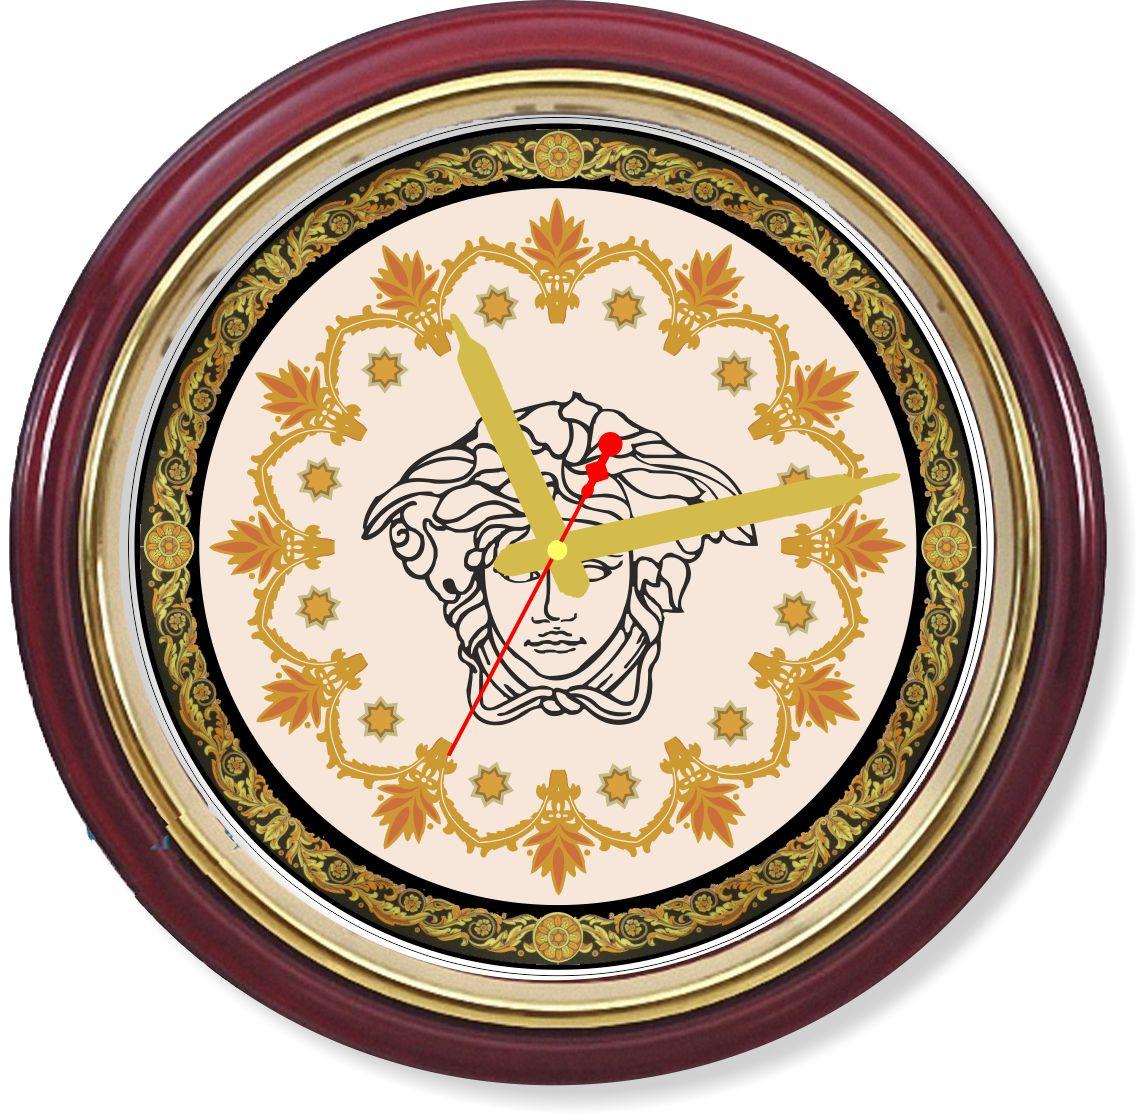 Настенные часы  Король Бальтазар